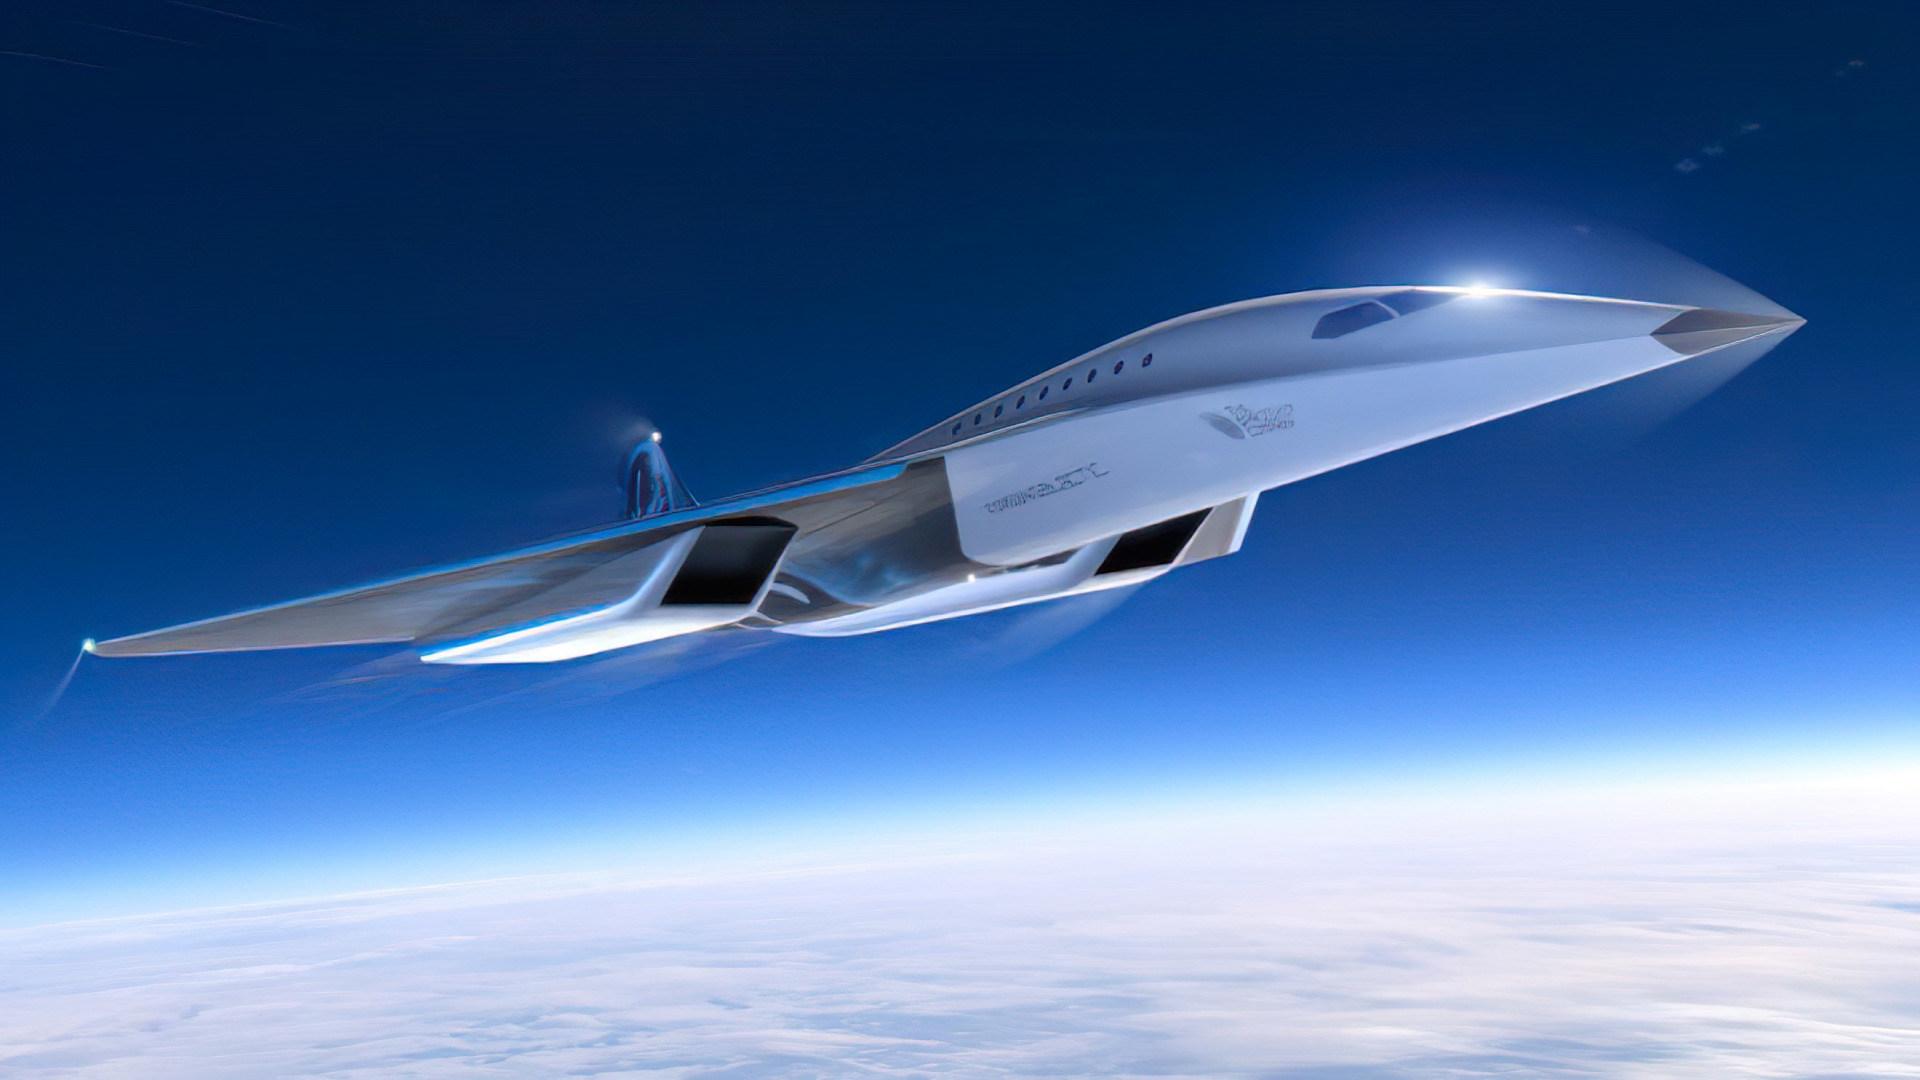 Weltraum, Raumfahrt, Virgin Galactic, Virgin, Testflug